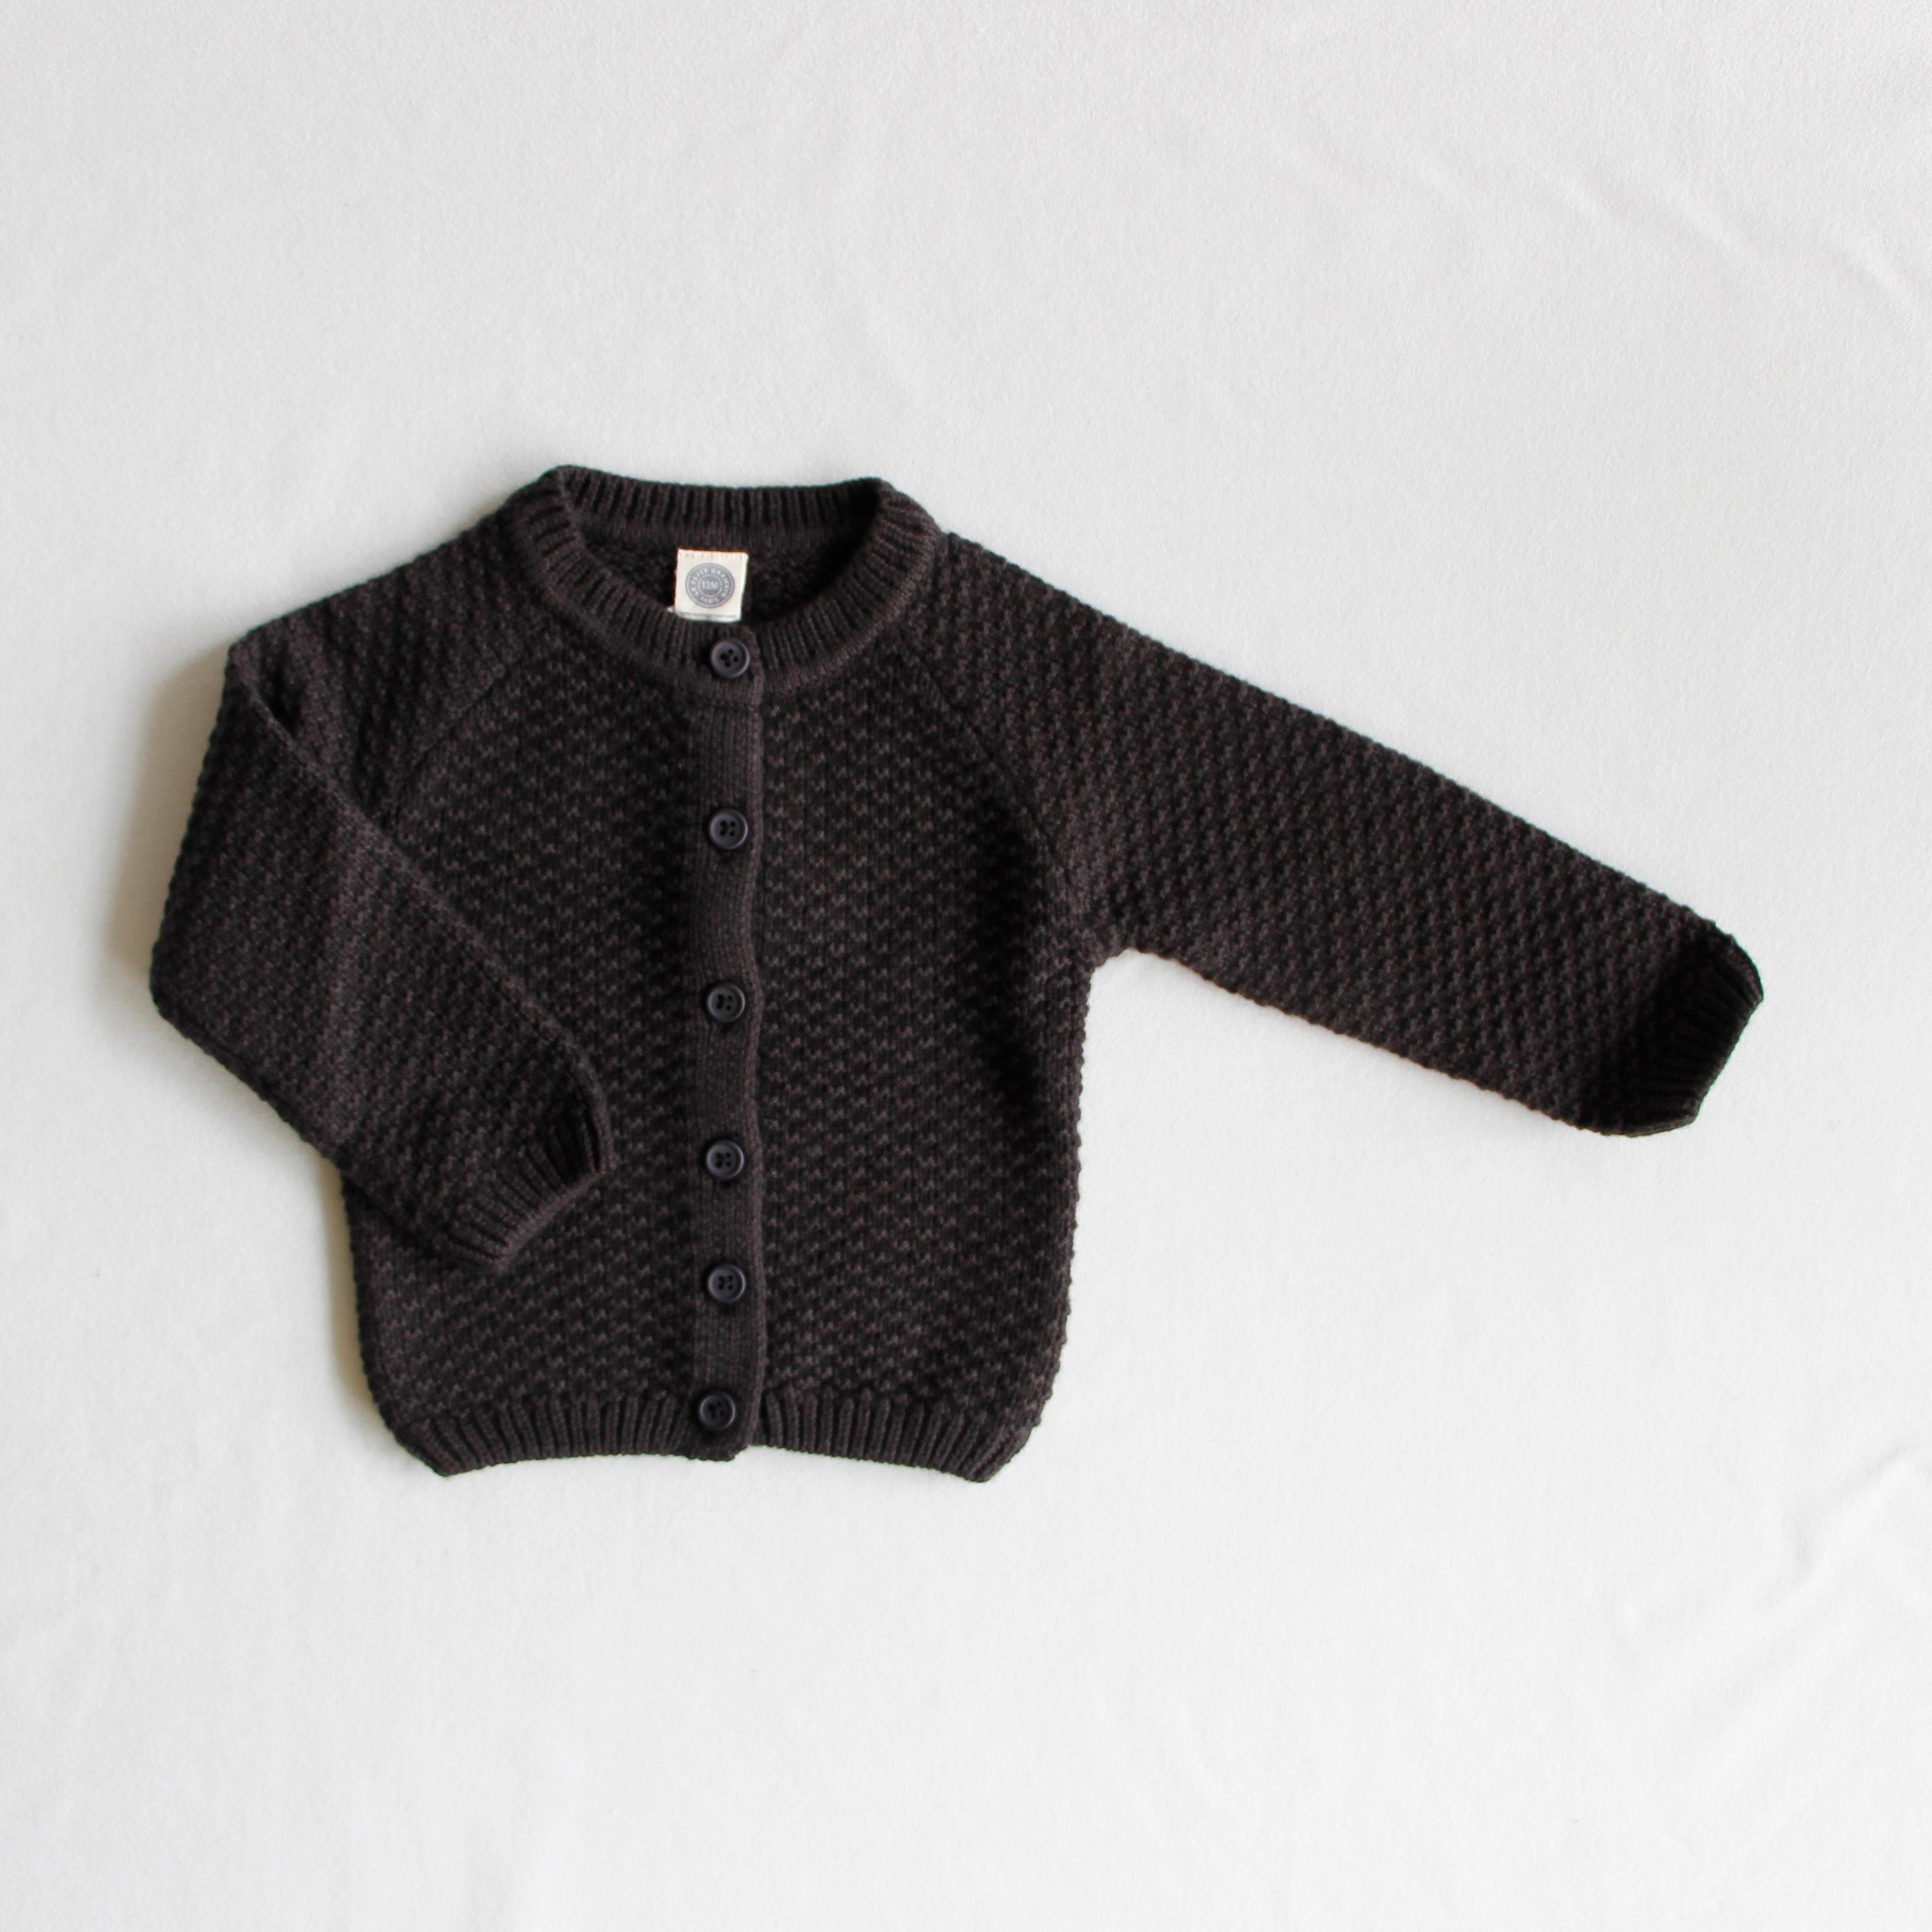 《LE PETIT GERMAIN 2019AW》Armel cardigan / black